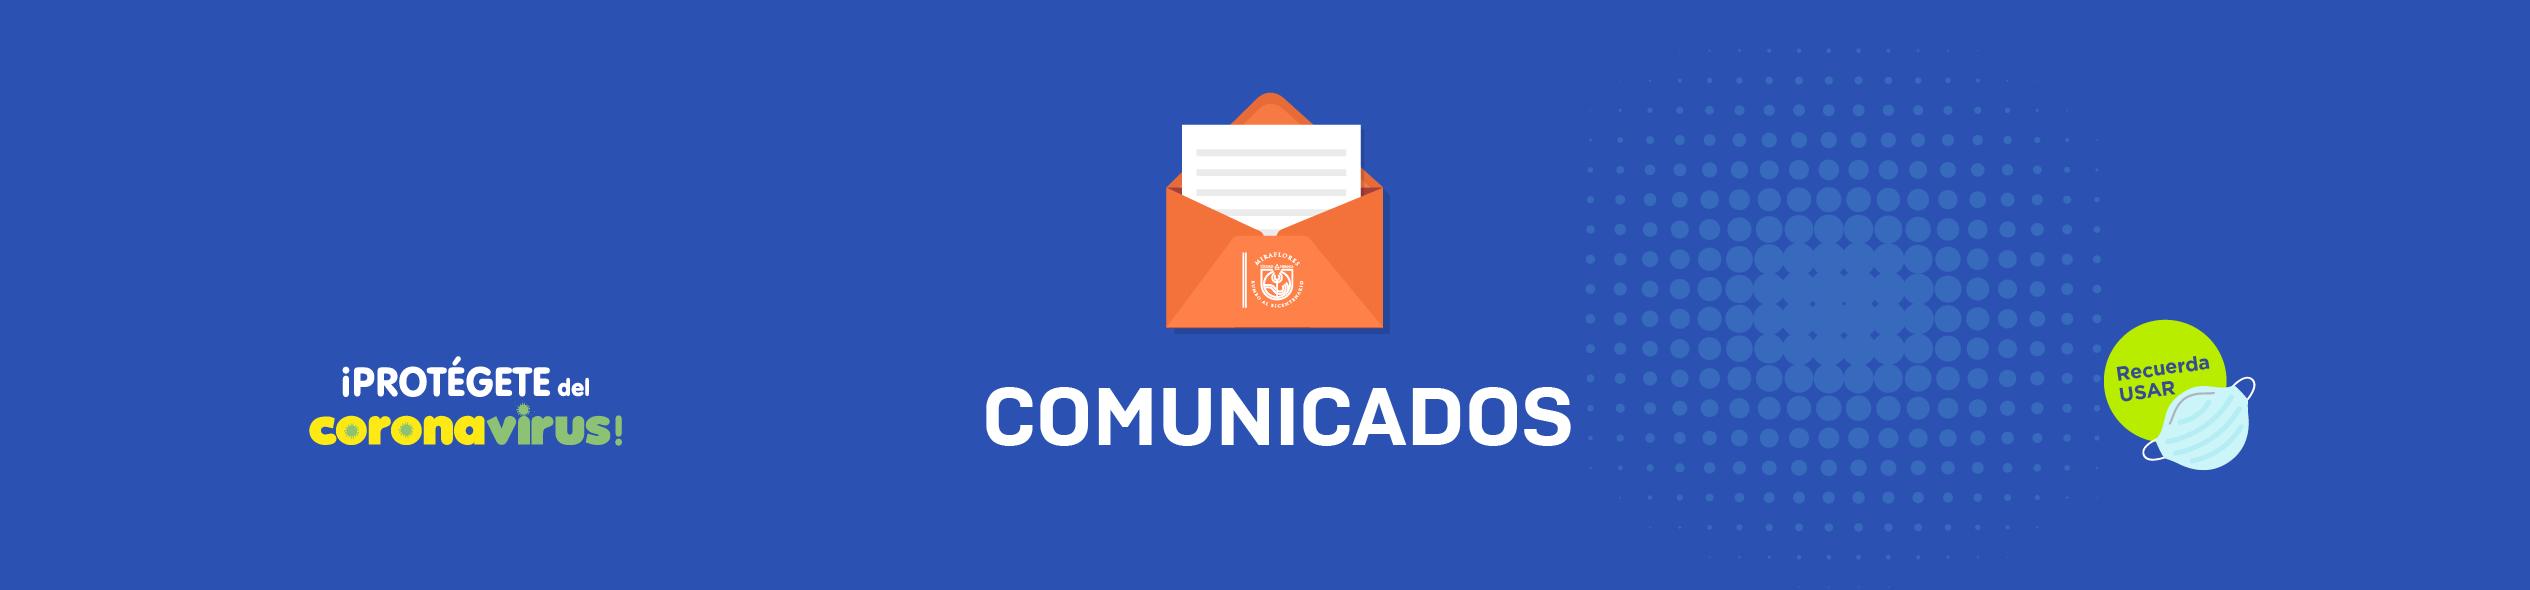 CABECERAS-COMUNICADO